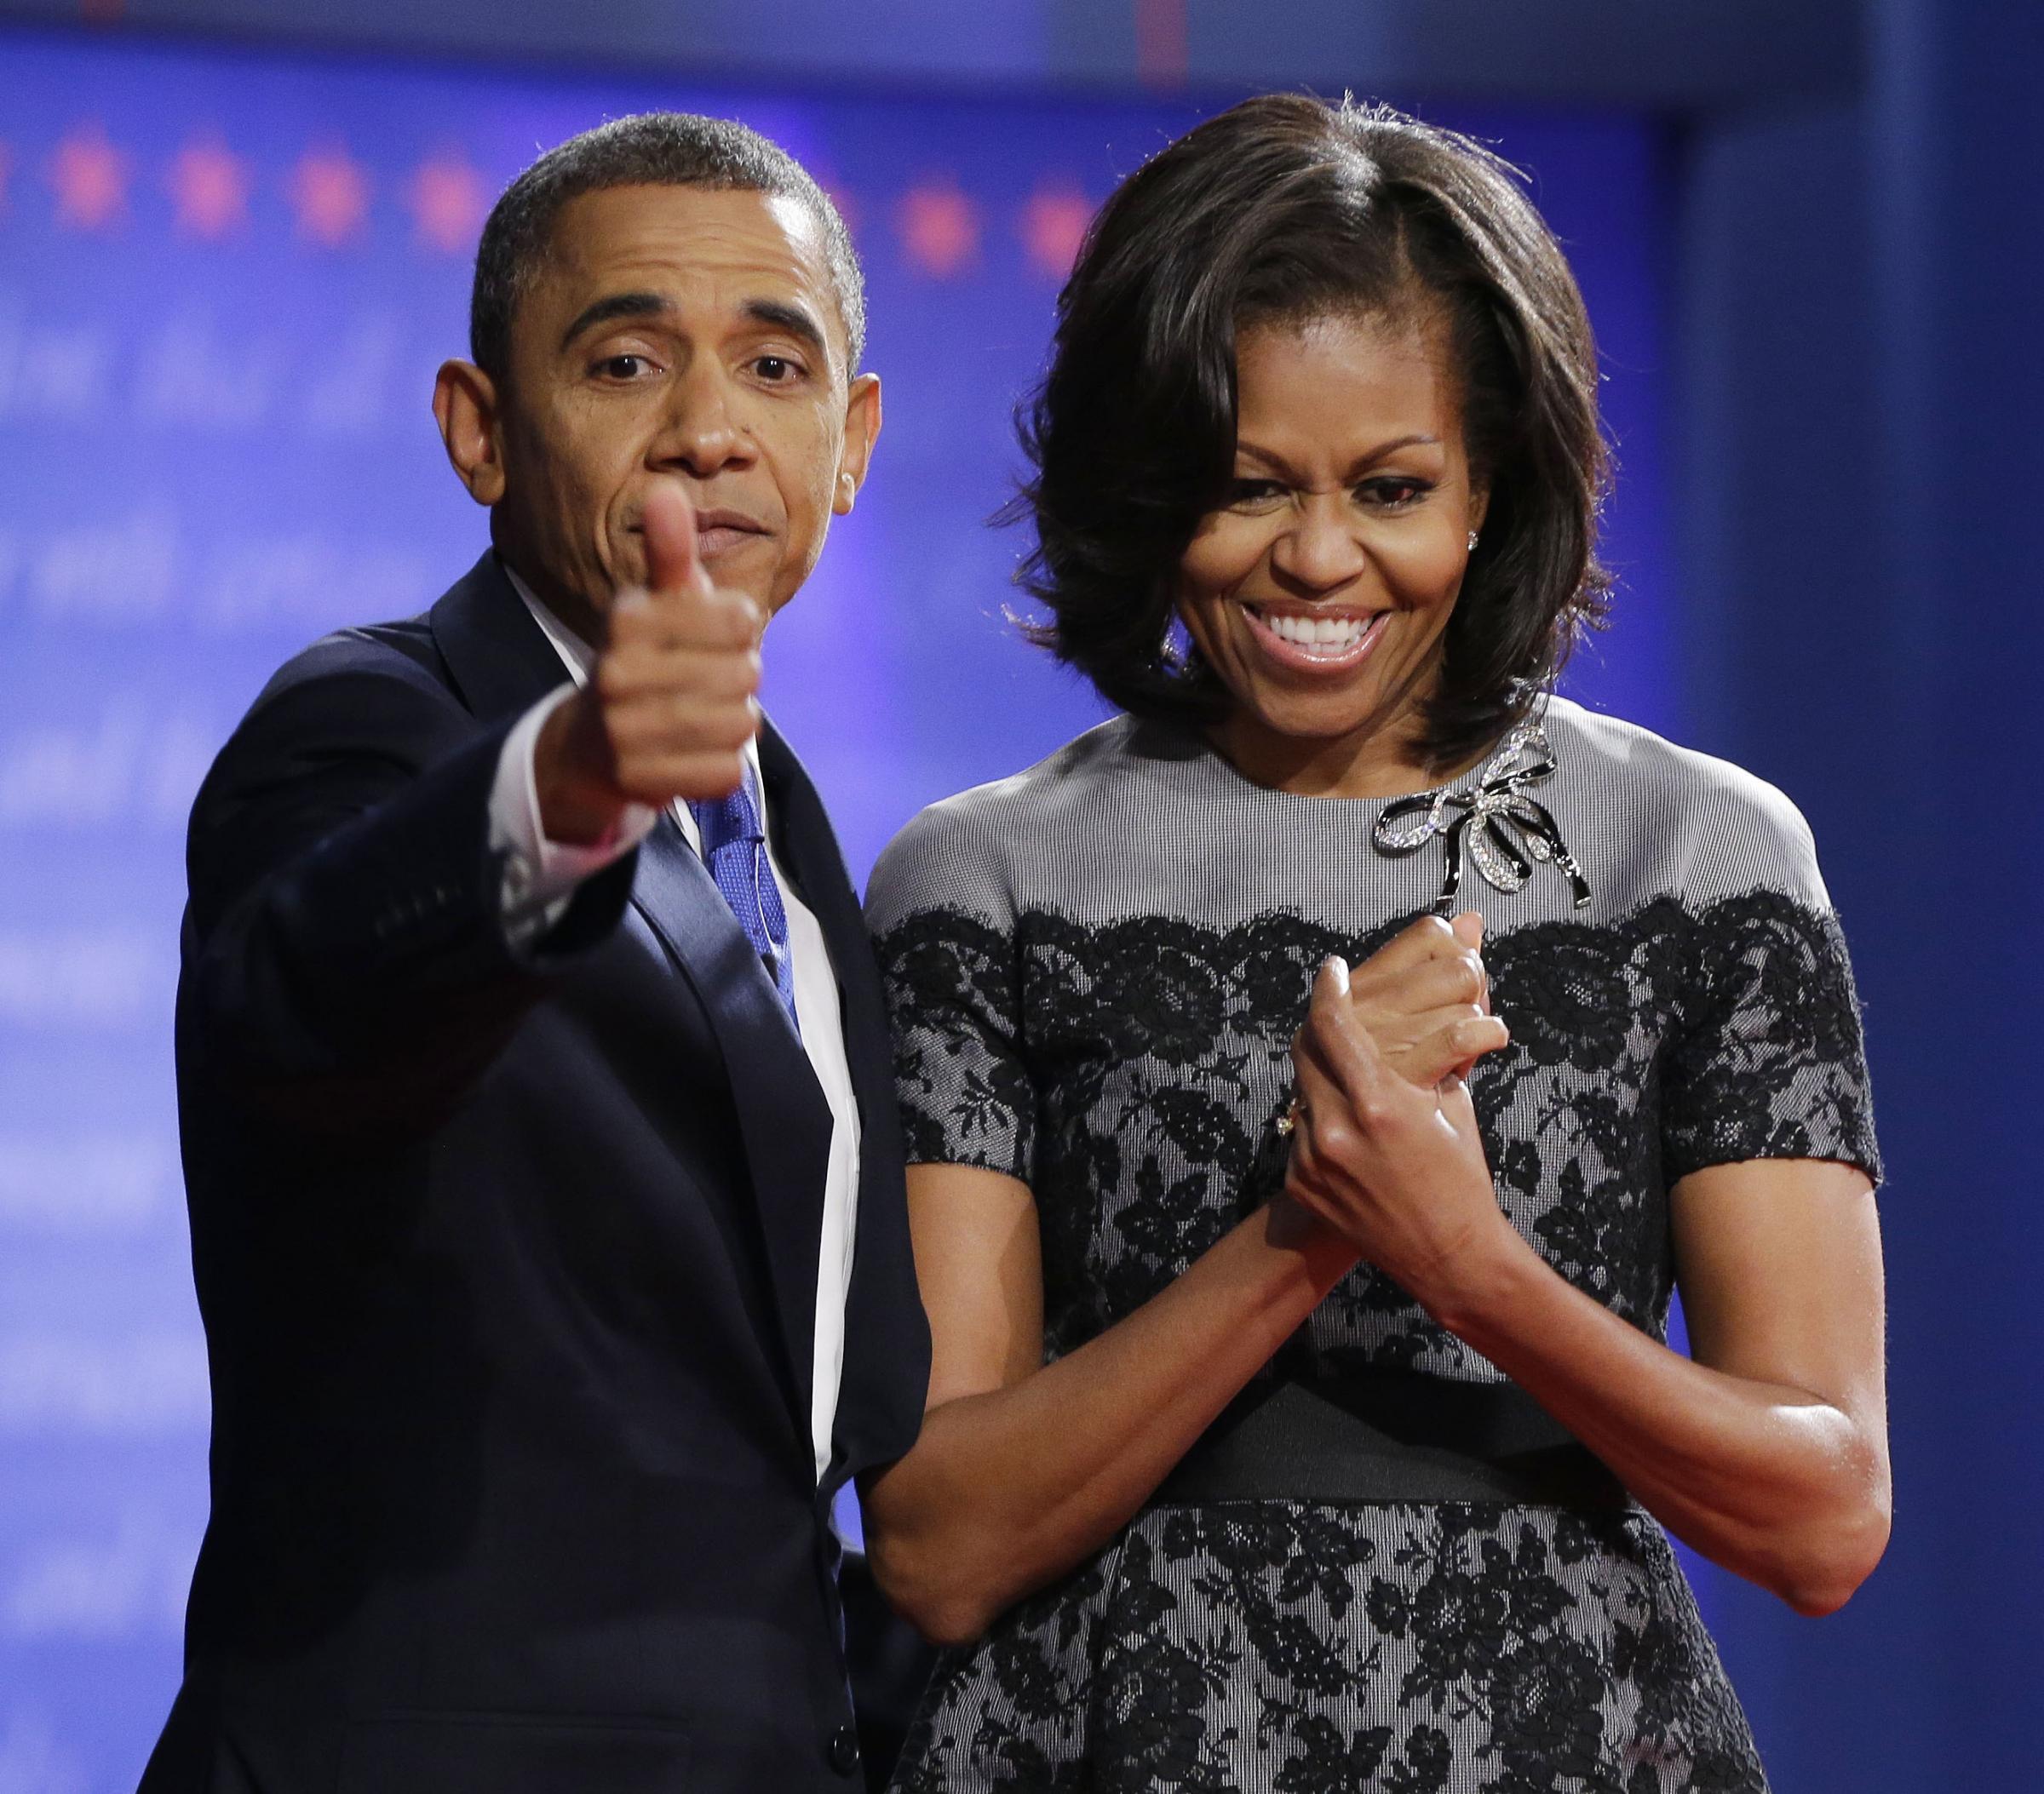 Michelle Obama Venezia: date e programma in Italia